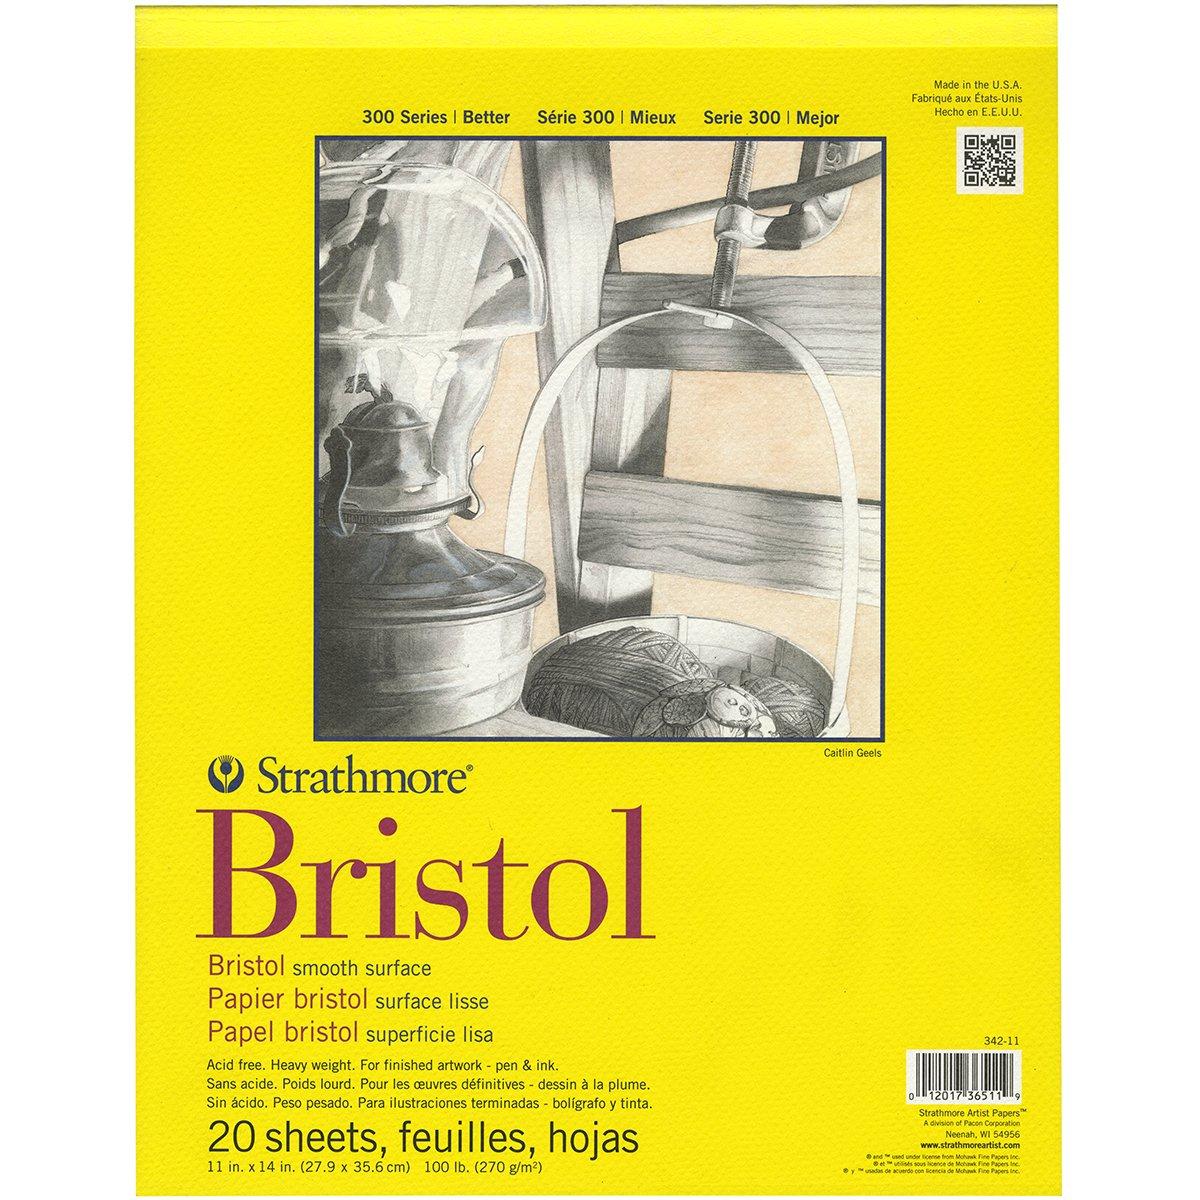 Pro-Art Strathmore Bloc de Papier Bristol Lisse 27,9cm x 35,6cm, 20Feuilles 9cm x 35 6cm 20Feuilles 342-11